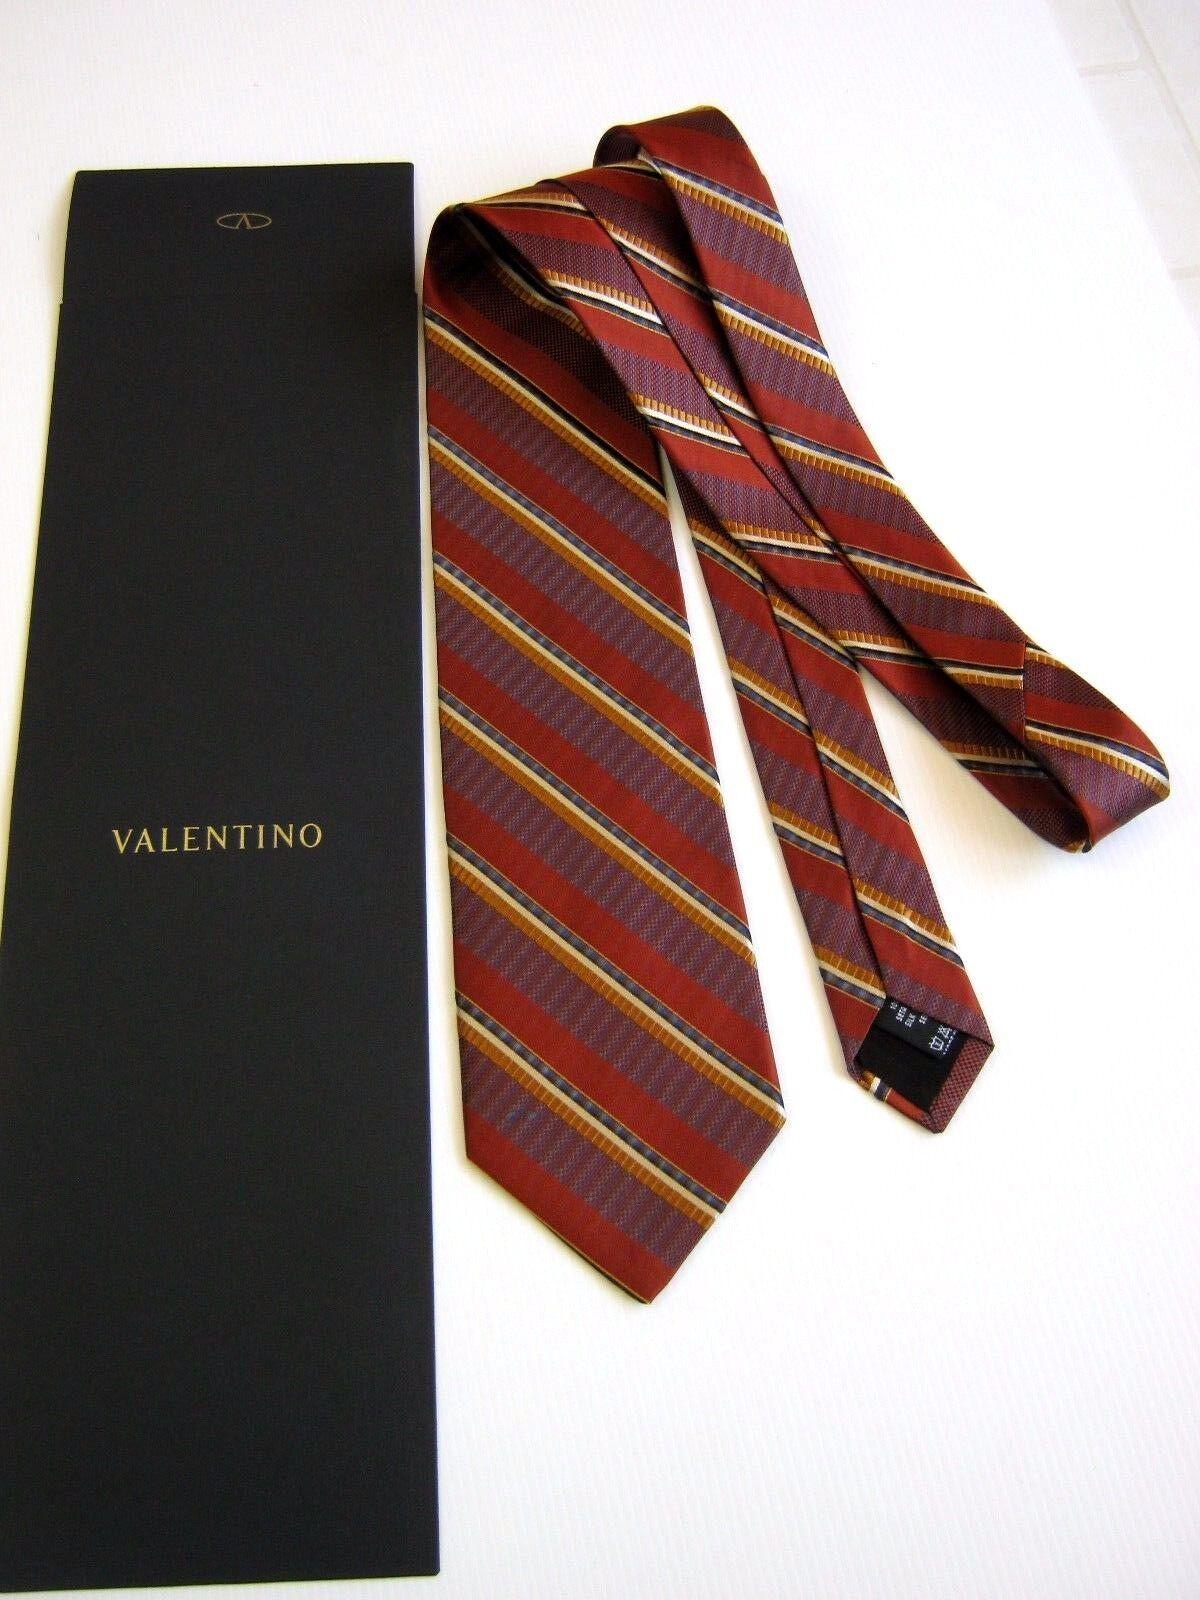 VALENTINO NEW NEW 100% SEIDE SEIDE SEIDE SEIDE ORIGINAL MADE IN ITALY   Online-verkauf  57de51